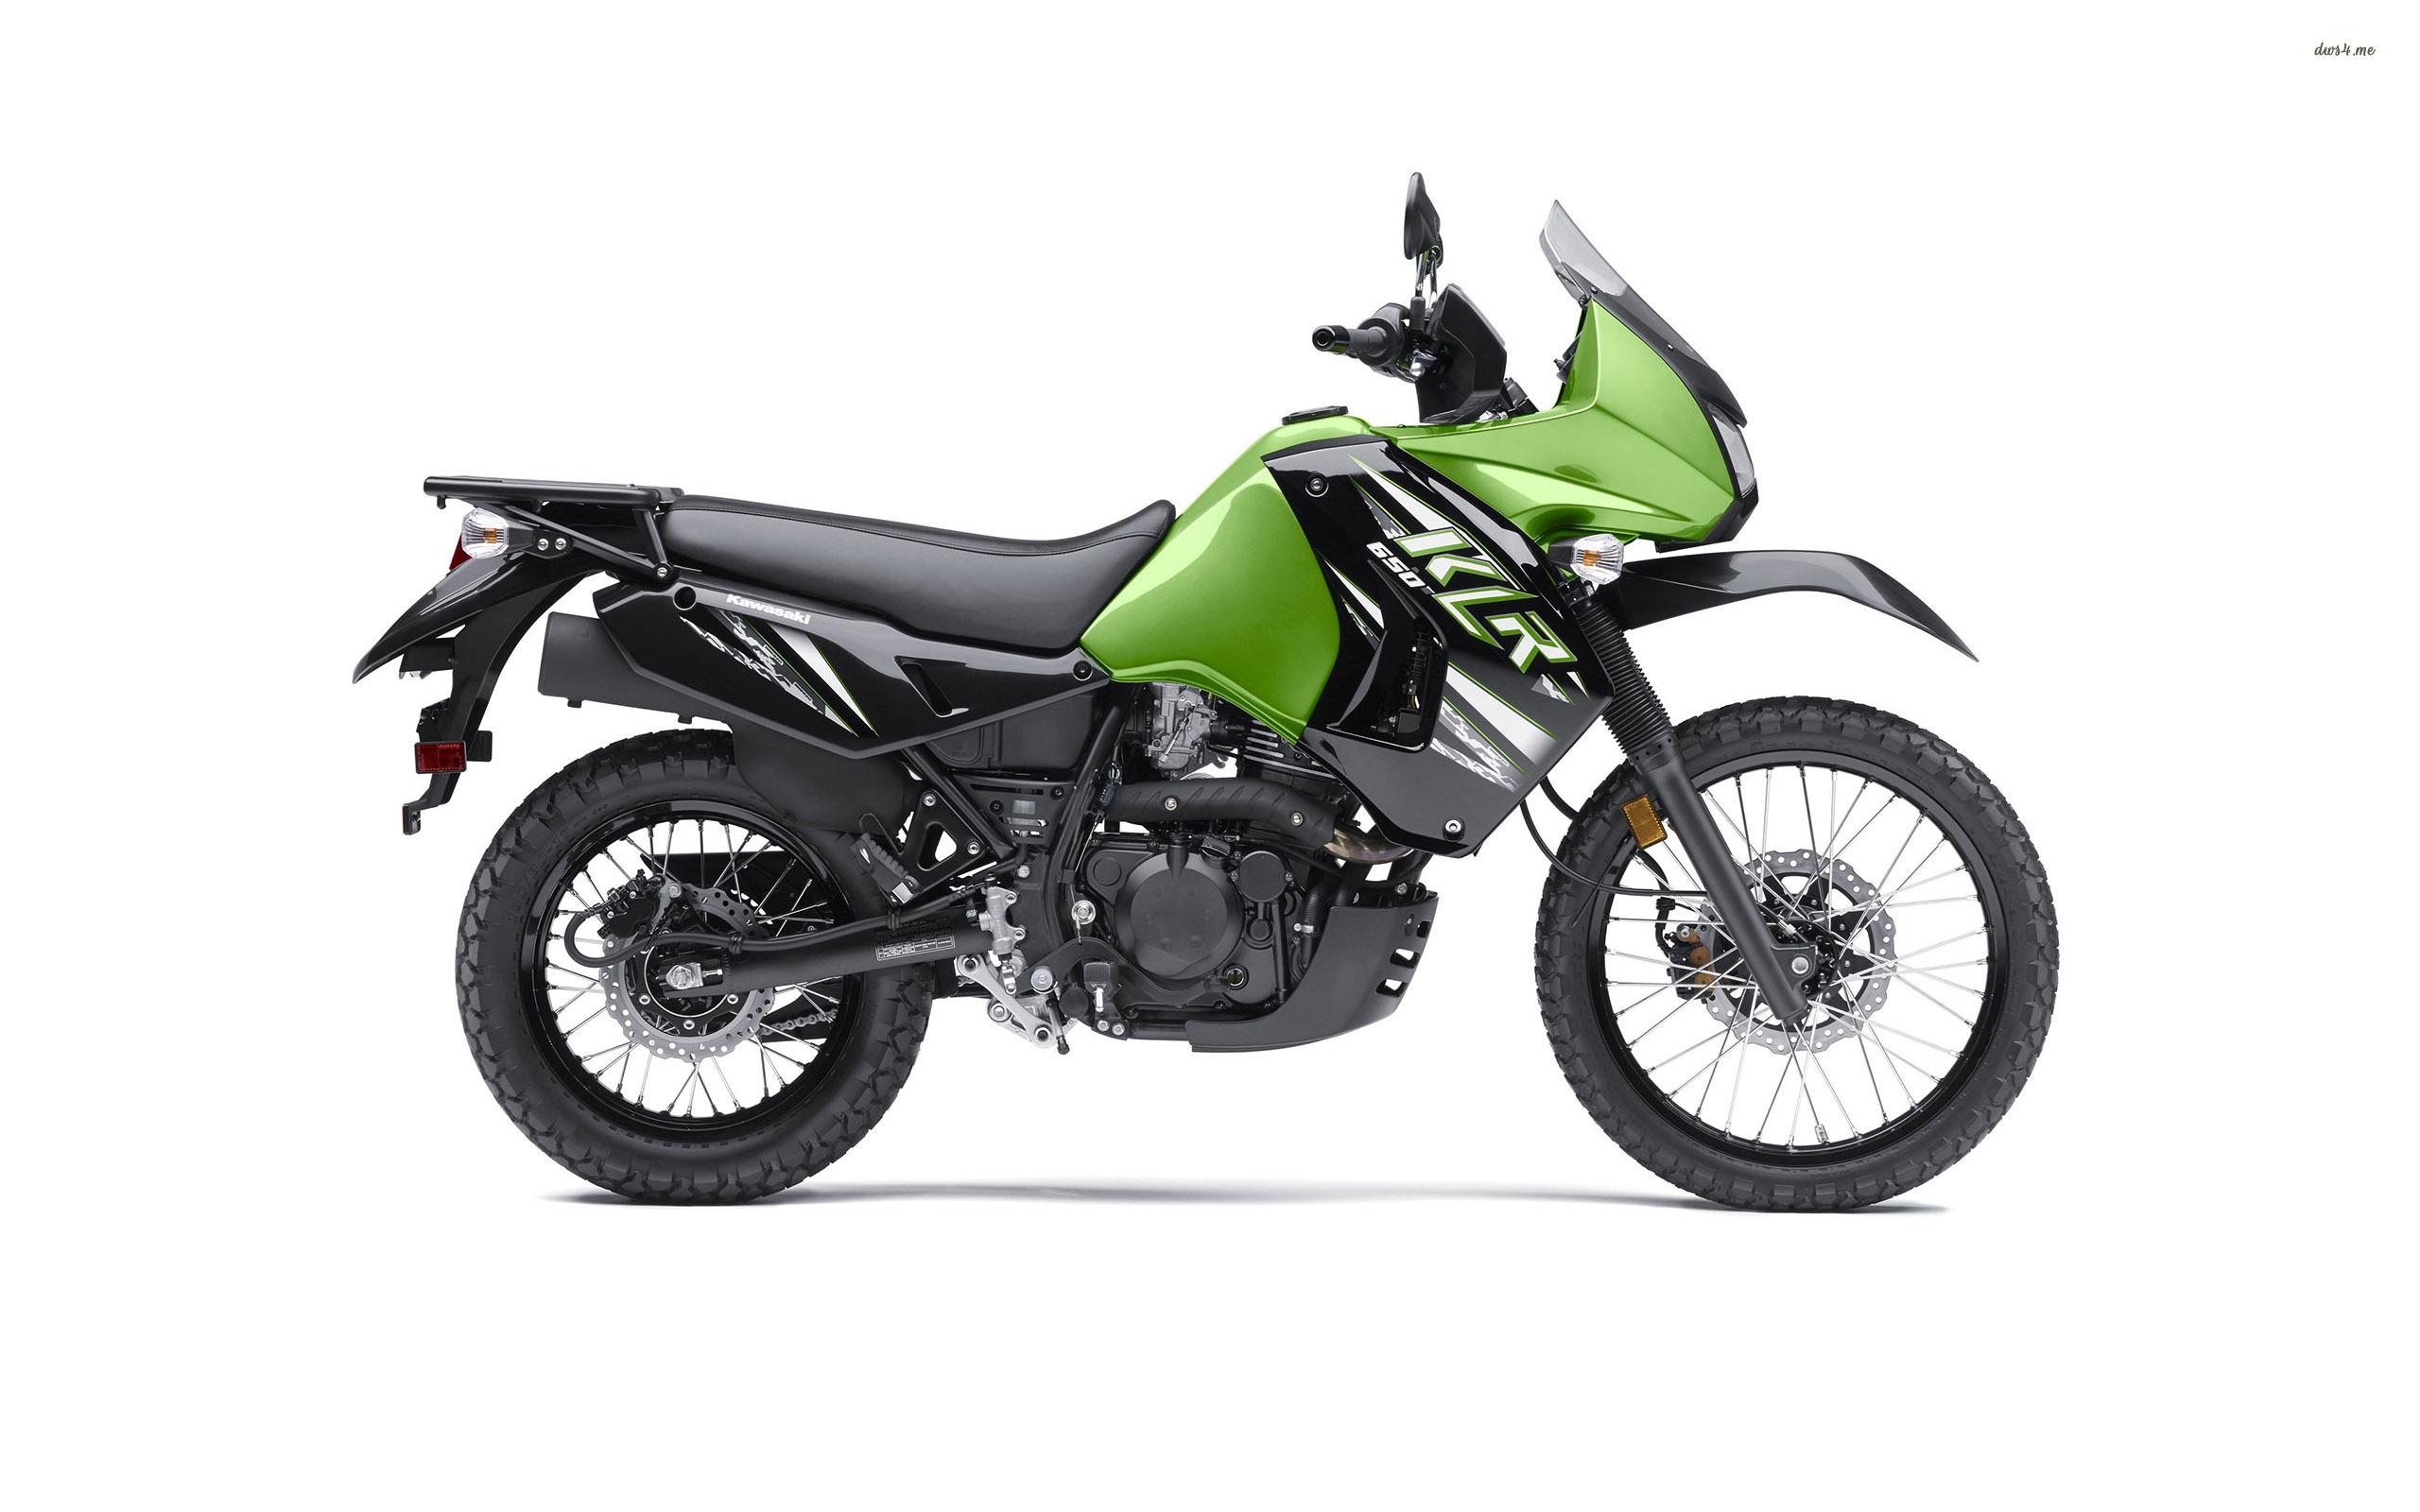 Kawasaki KLR650 wallpaper   Motorcycle wallpapers   24897 2560x1600